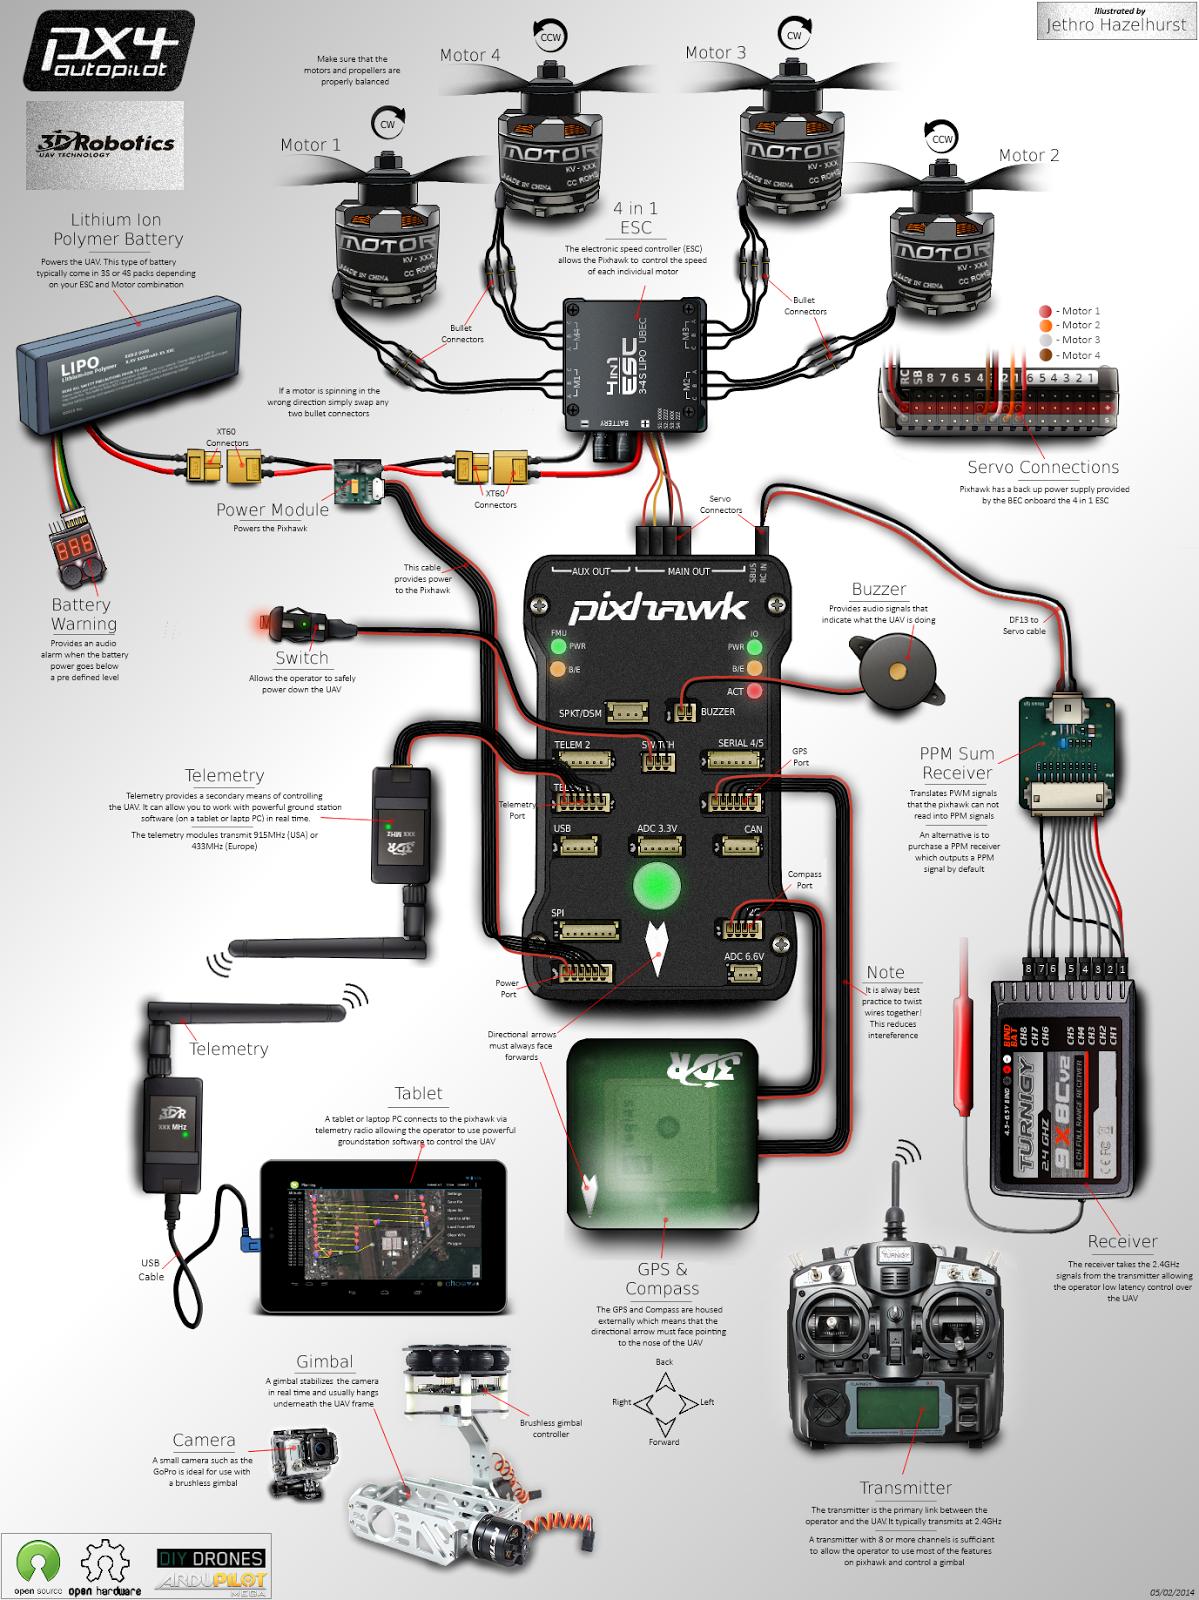 Dronereviewhot: Parts diy drones parts at Pixhawk Autopilot